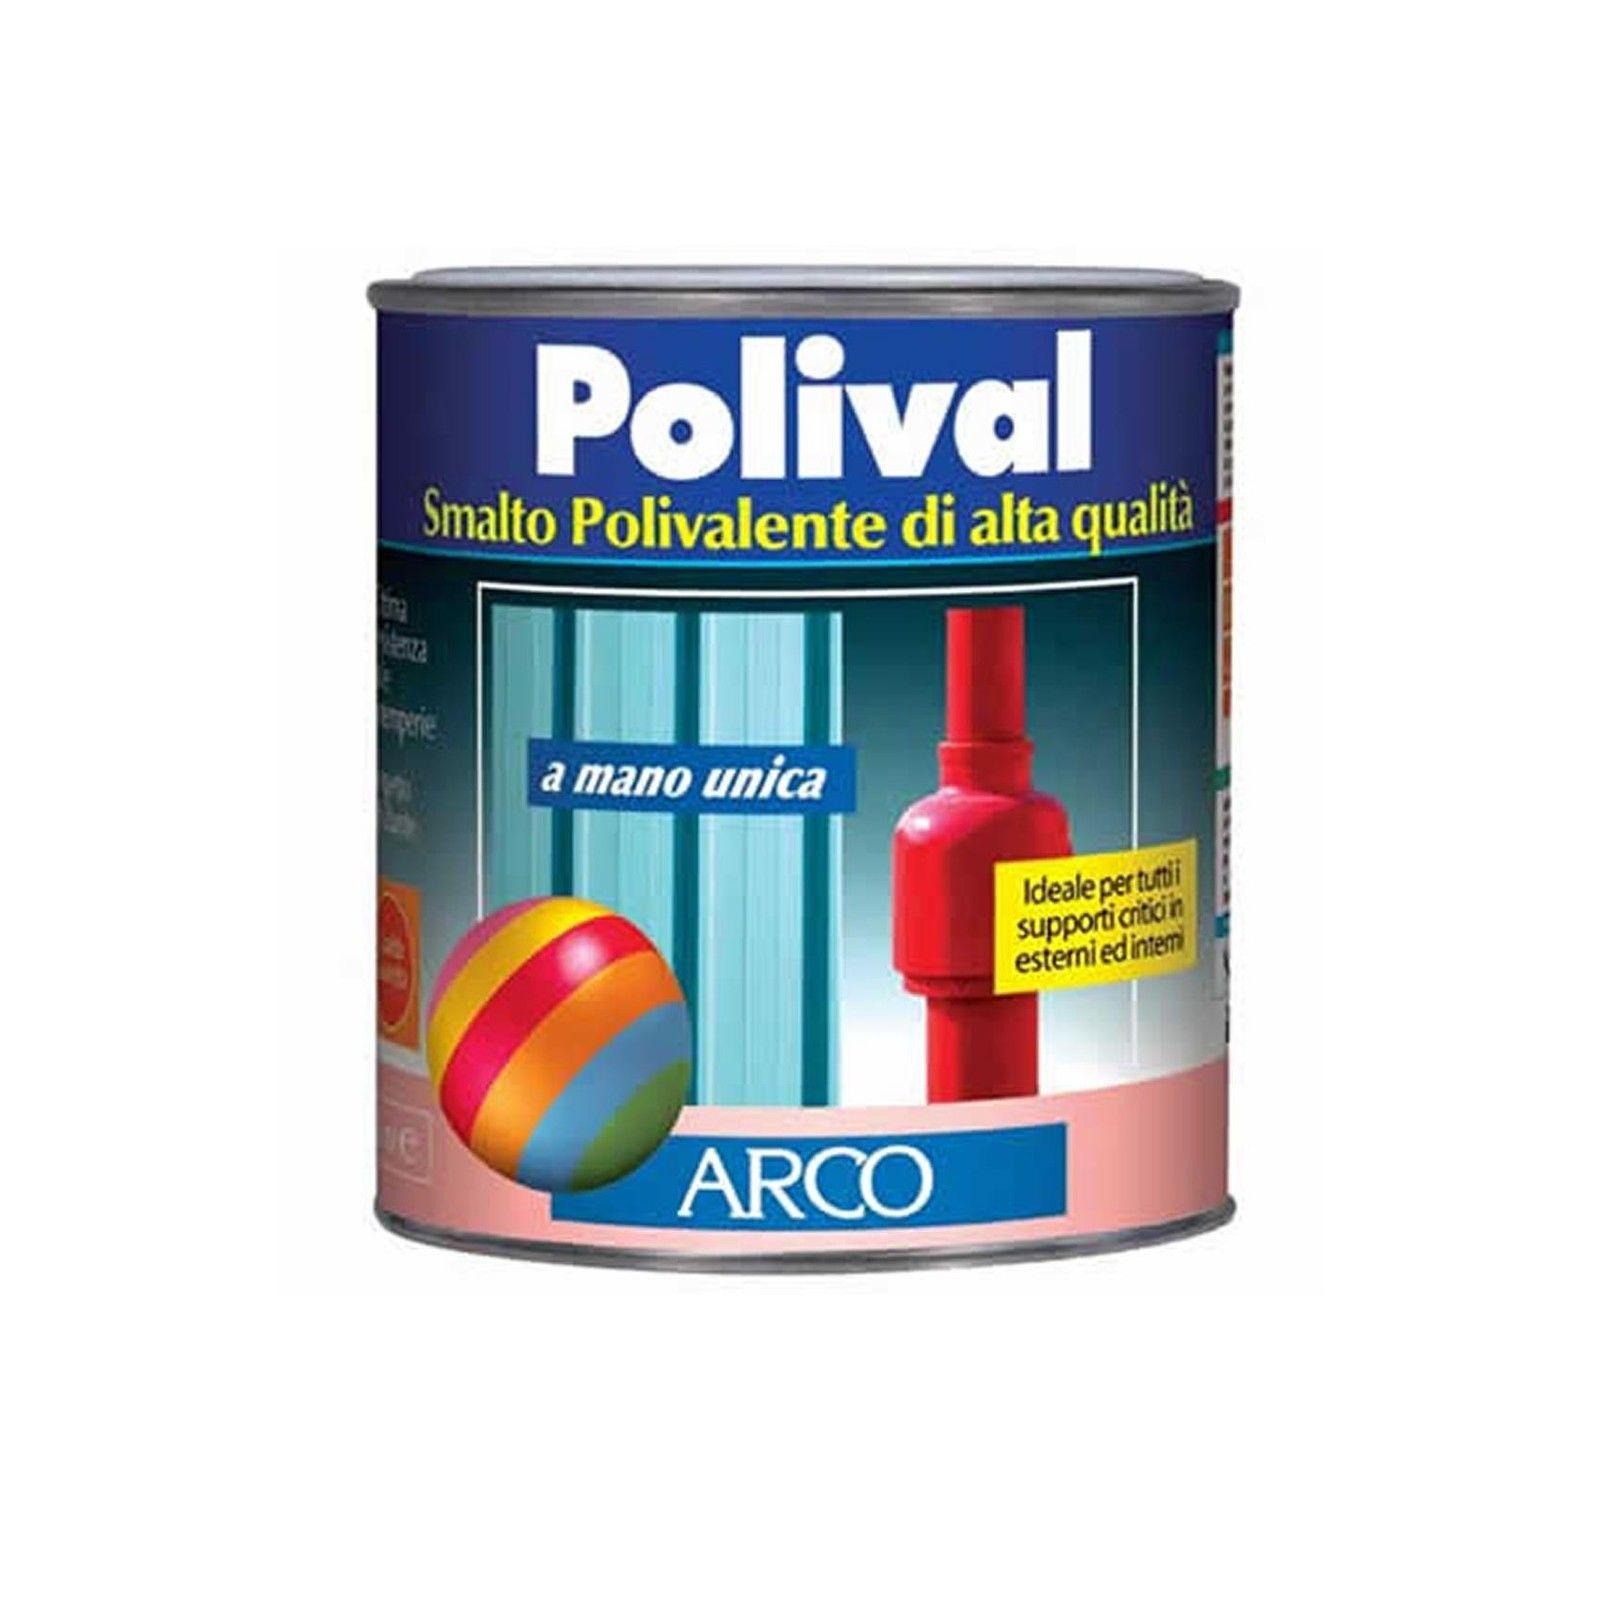 Arco Polival smalto 750ml mano unica per plastica vetro cemento colore bianco alluminio